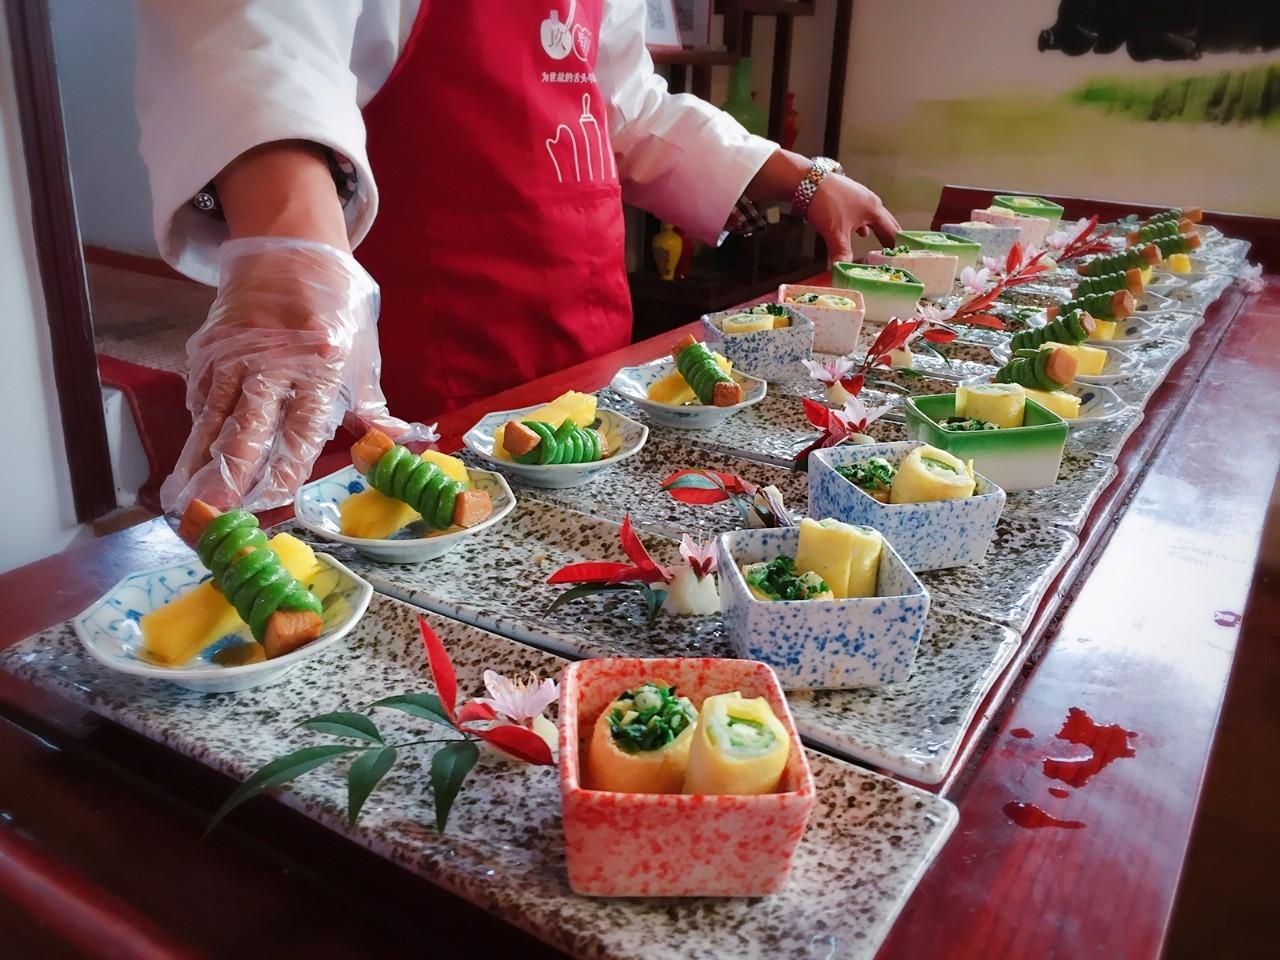 扬州-烟花三月,赴一场广陵白玉宴